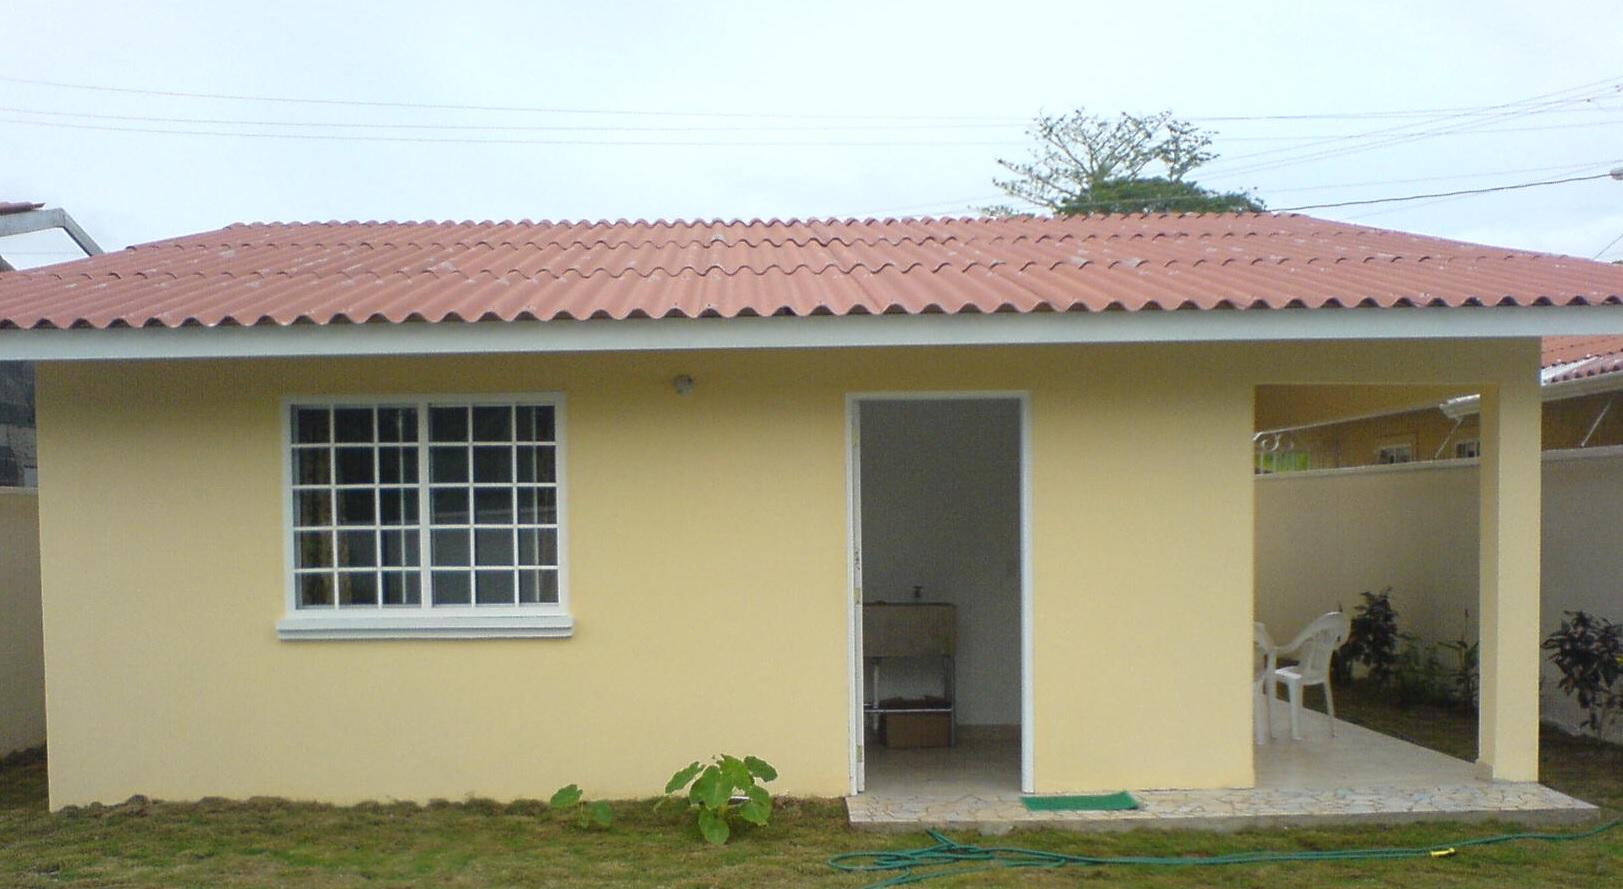 Alquiler de Casas en Managua + Guía Actualizada